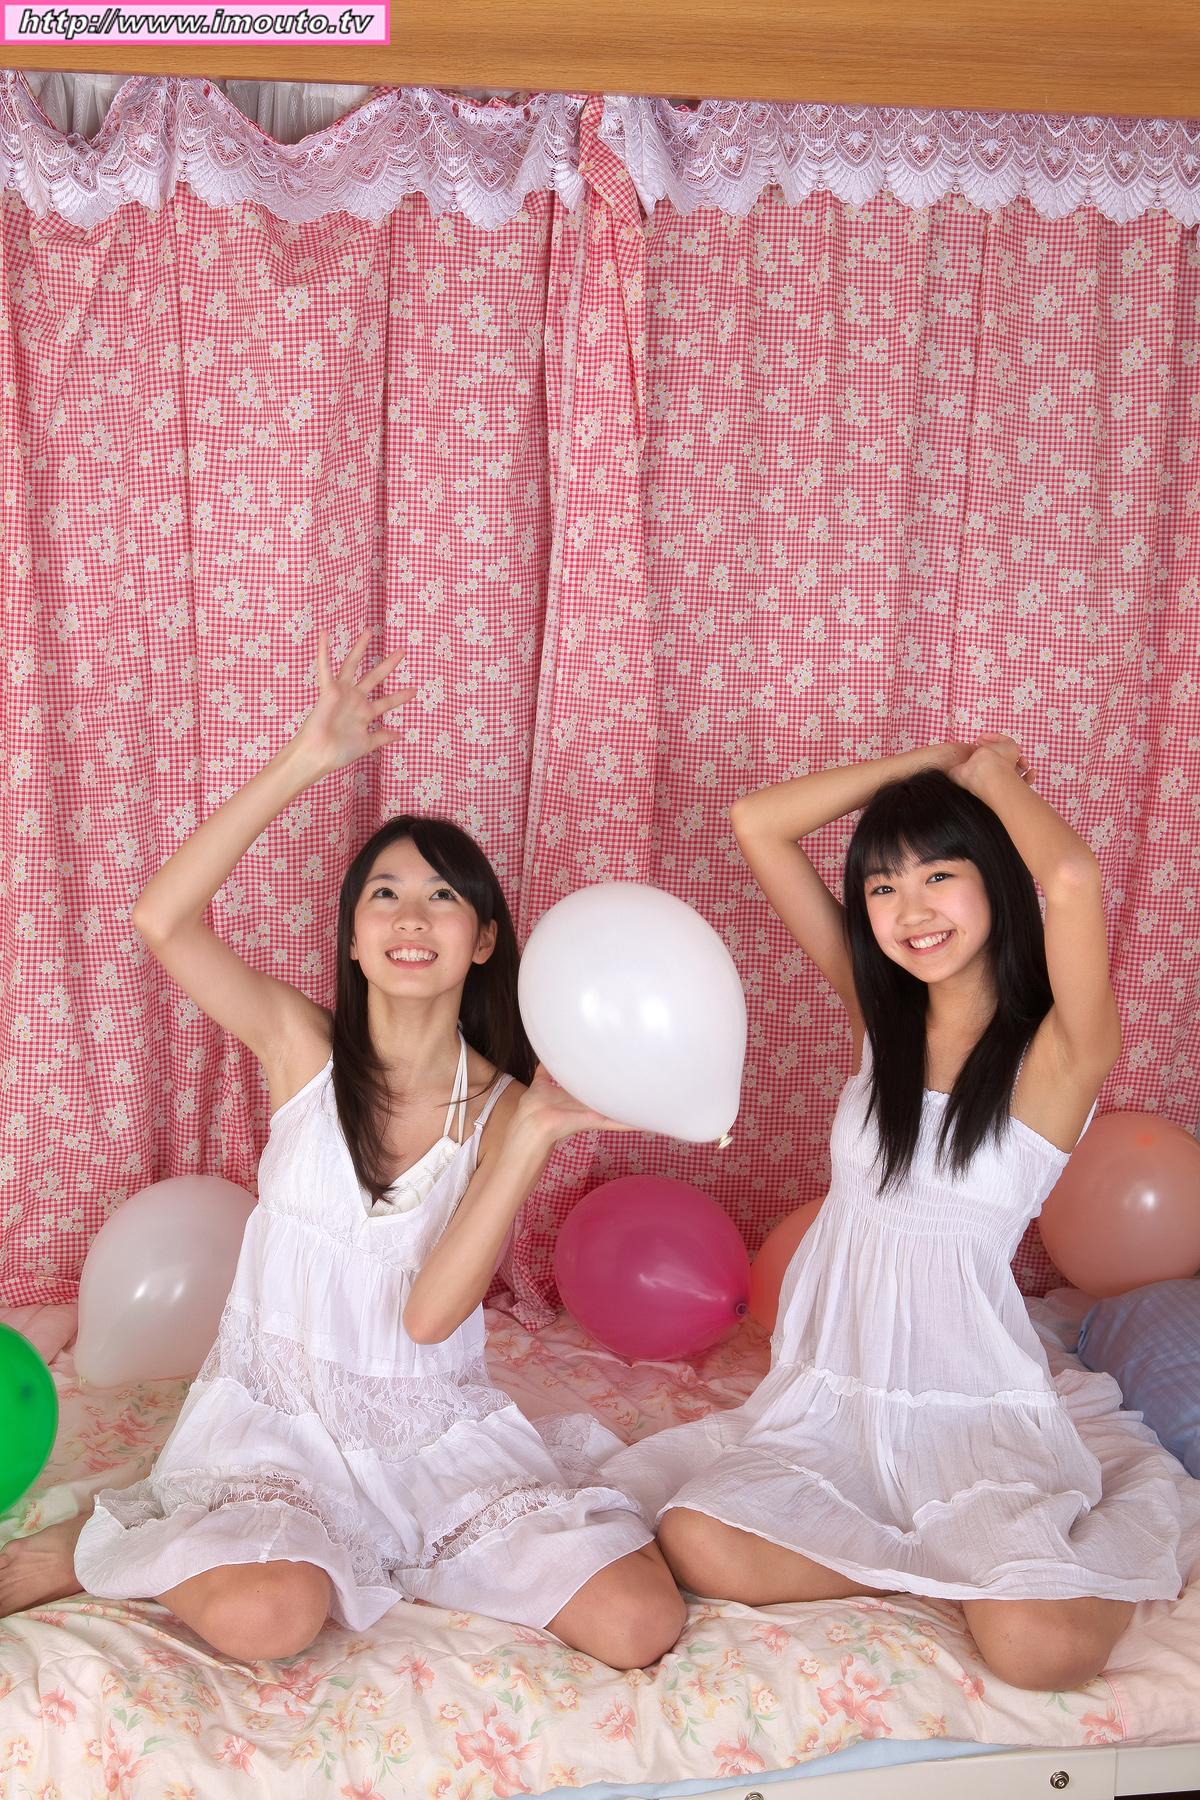 promotion pictures, Makihara Ayu, Shiina Momo | TechnOtaku Gallery